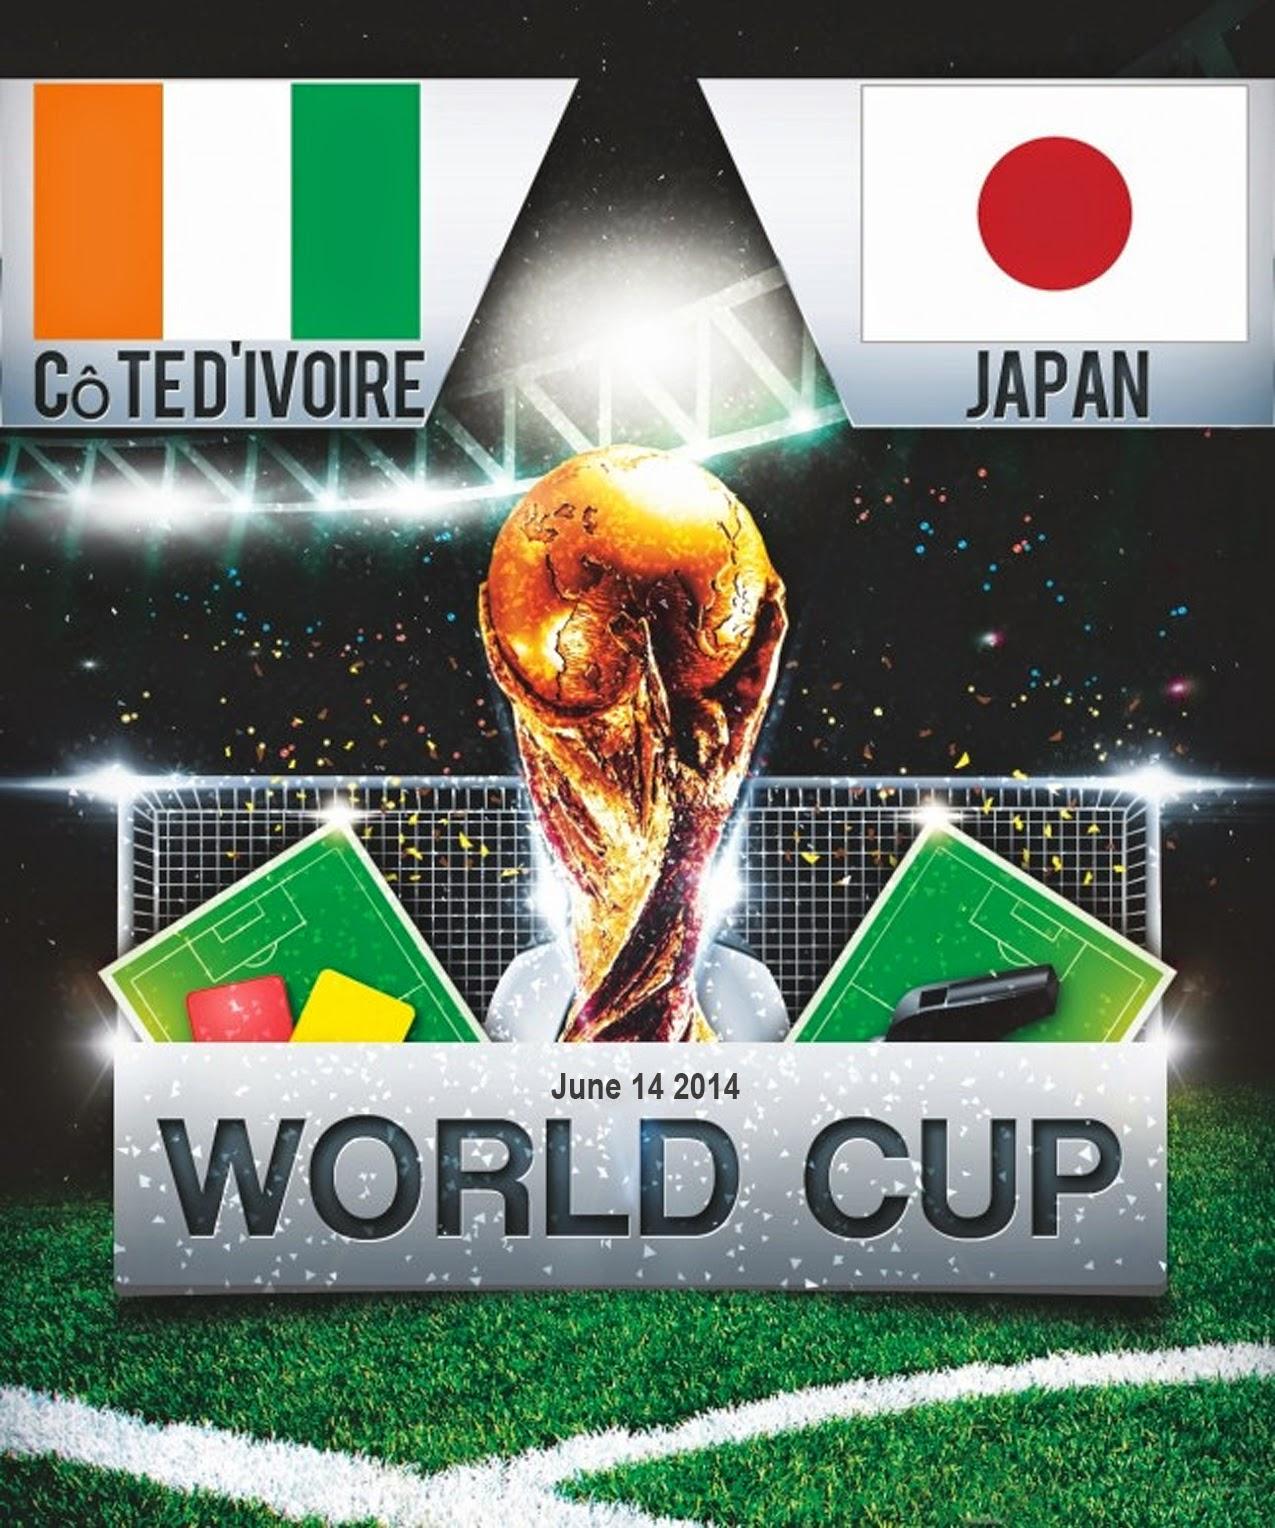 FIFA World Cup 2014 Ivory Coast Vs Japan